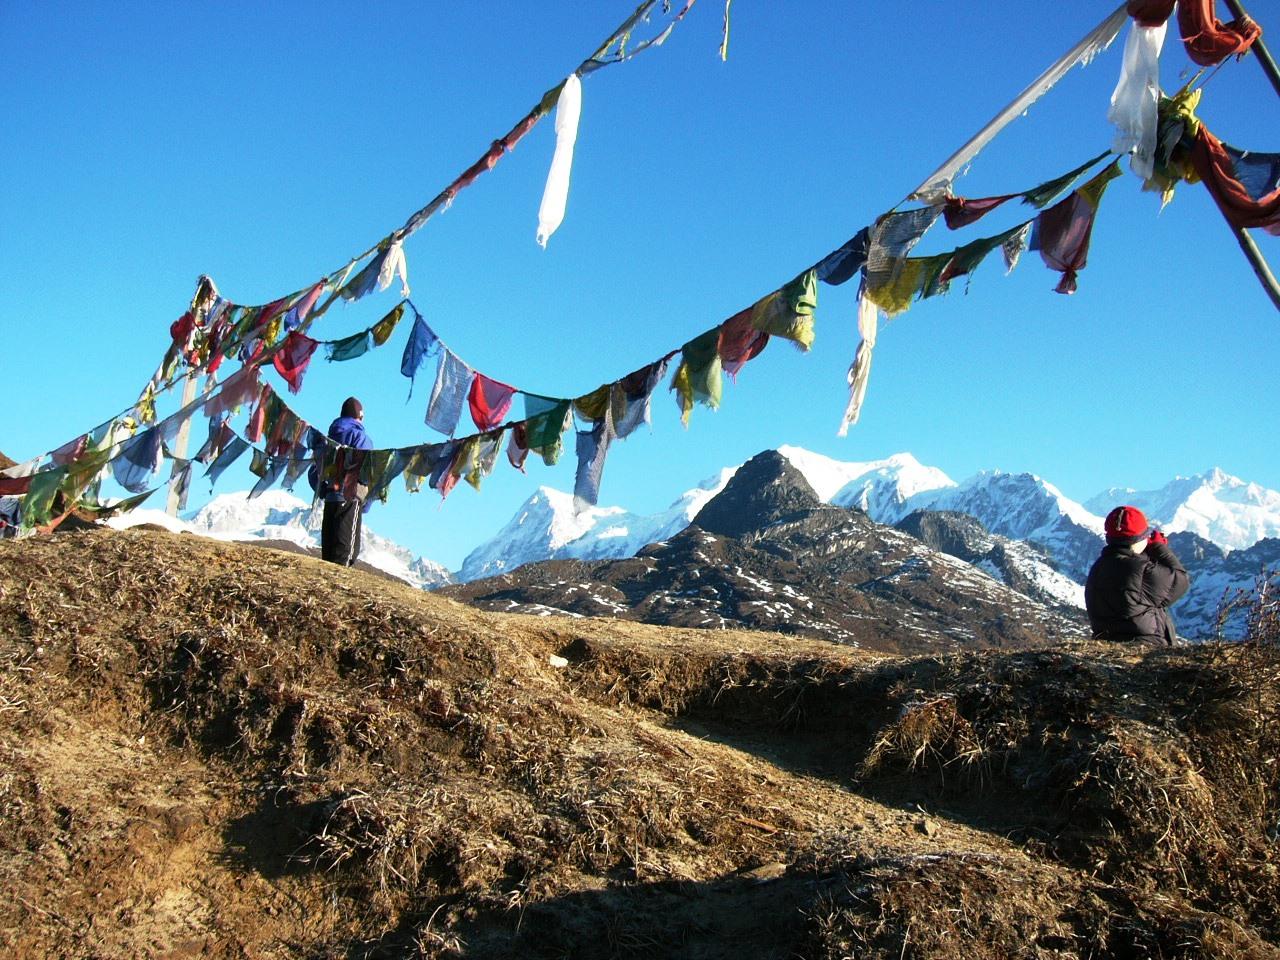 チベット仏教の祈祷布たなびくゾングリ・トップからのシッキム・ヒマラヤのパノラマ(7日目と8日目)